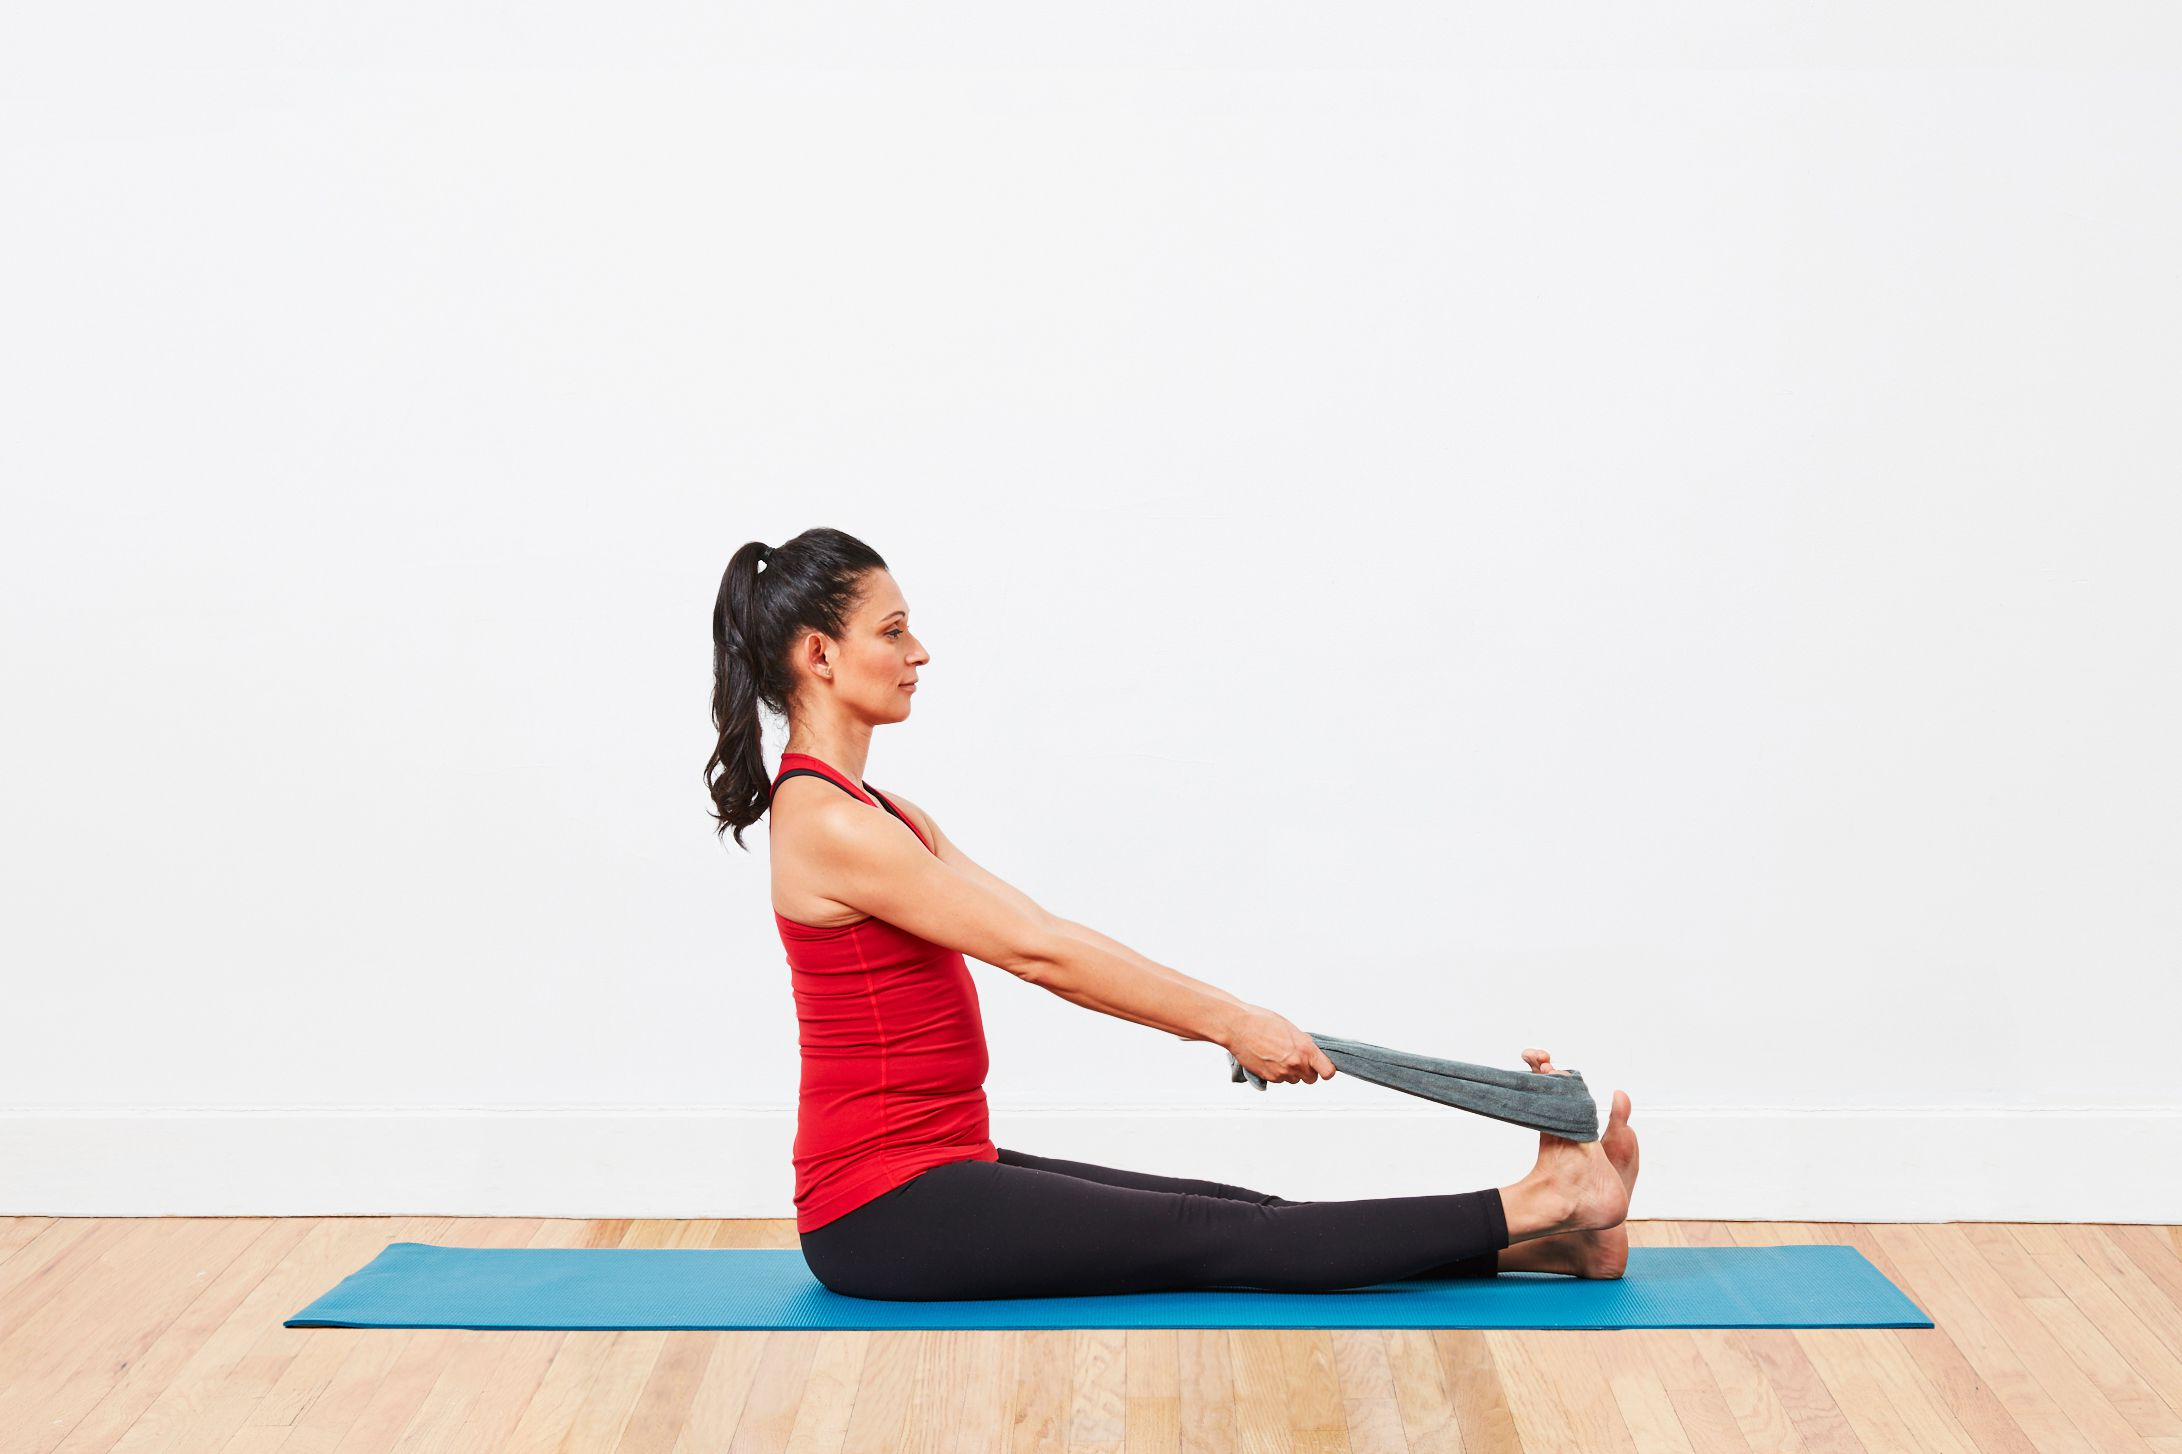 Топ-30 упражнений для растяжки ног: стоя и лежа (фото)